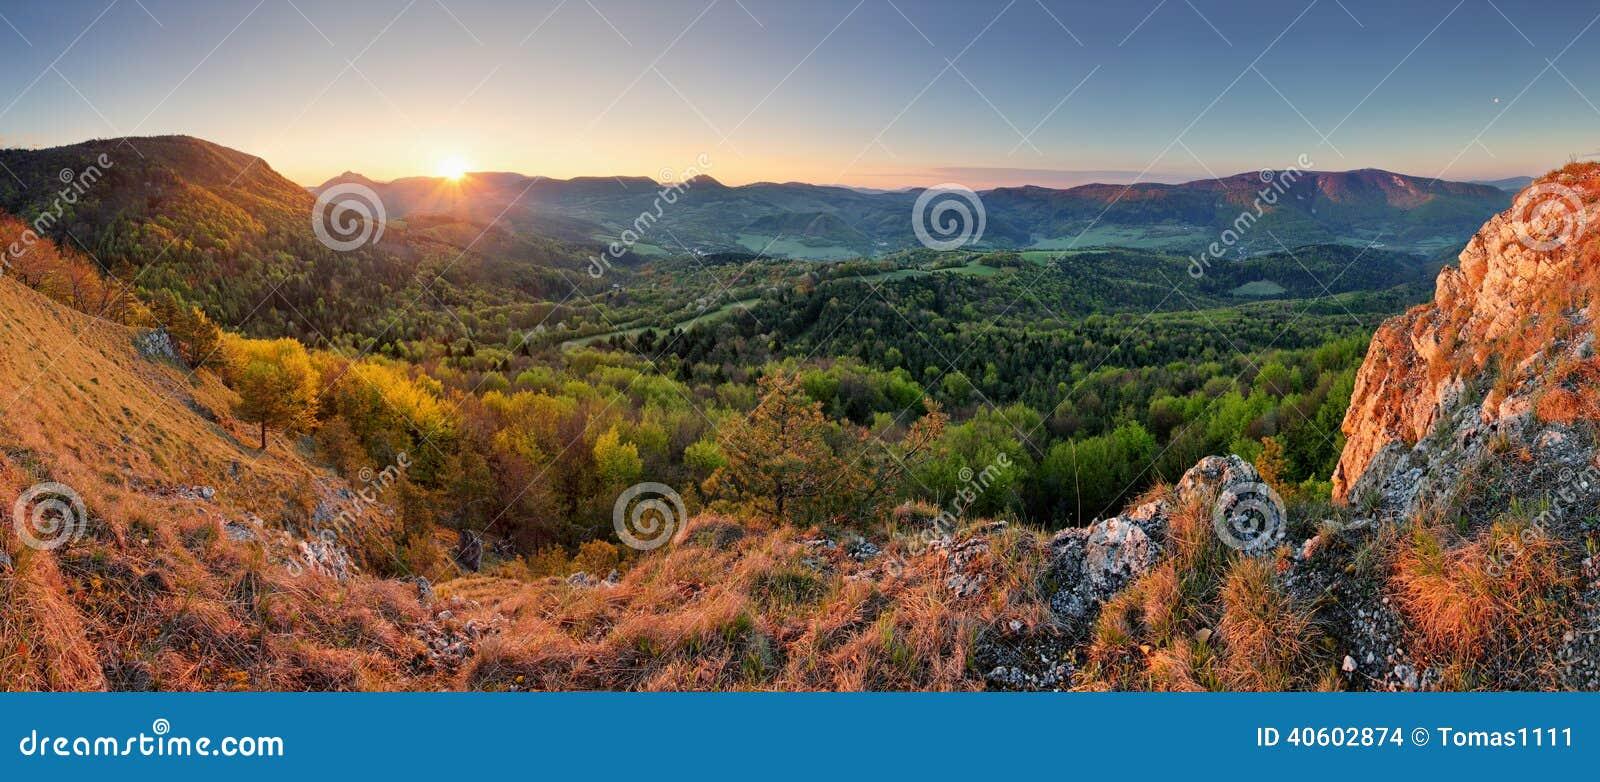 Slowakei-Frühlingswaldpanorama